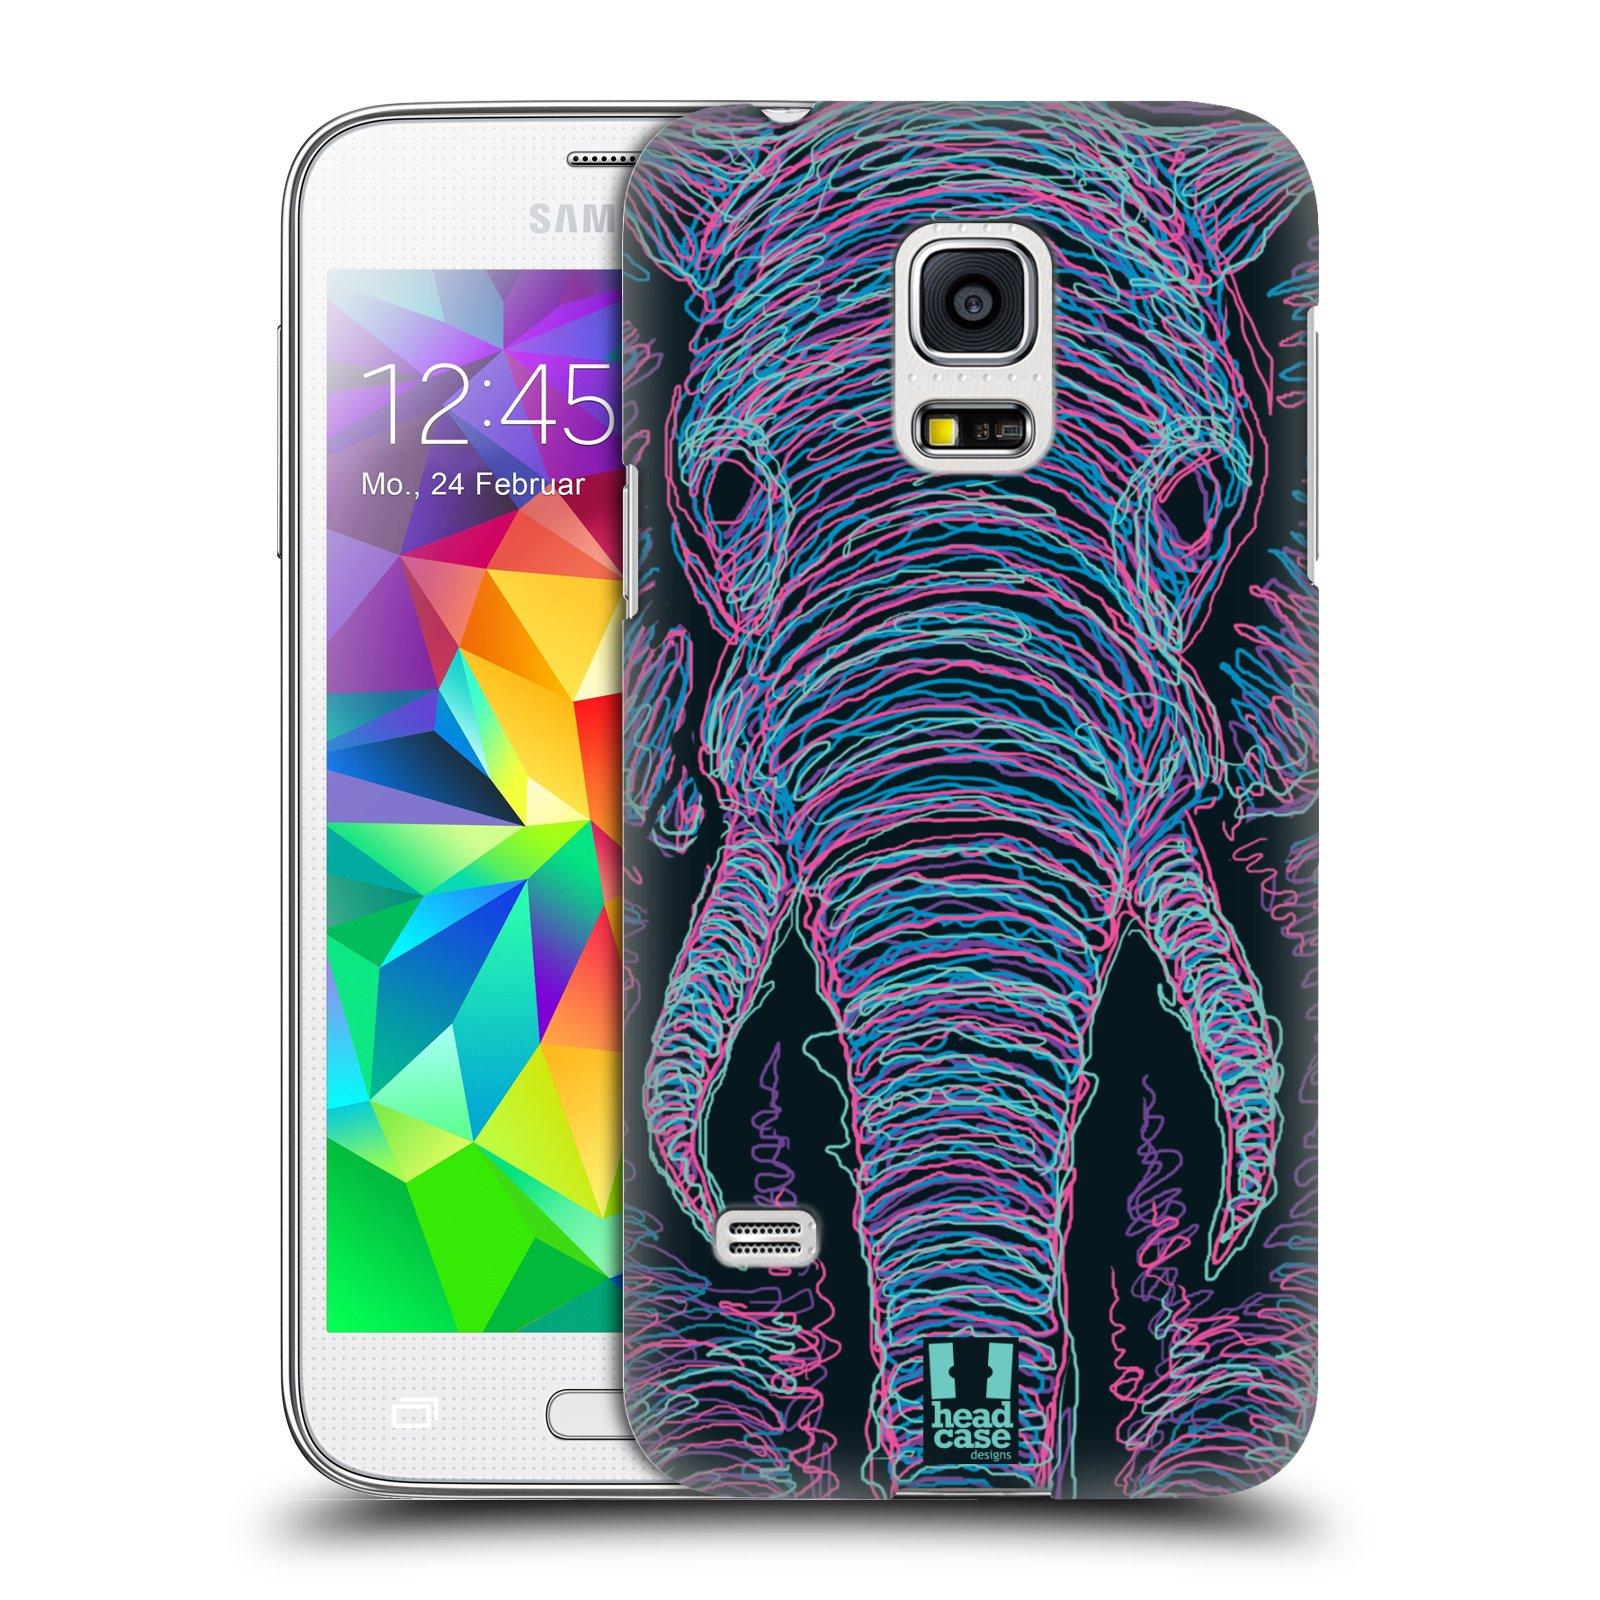 HEAD CASE plastový obal na mobil SAMSUNG Galaxy S5 MINI / S5 MINI DUOS vzor zvíře čmáranice slon